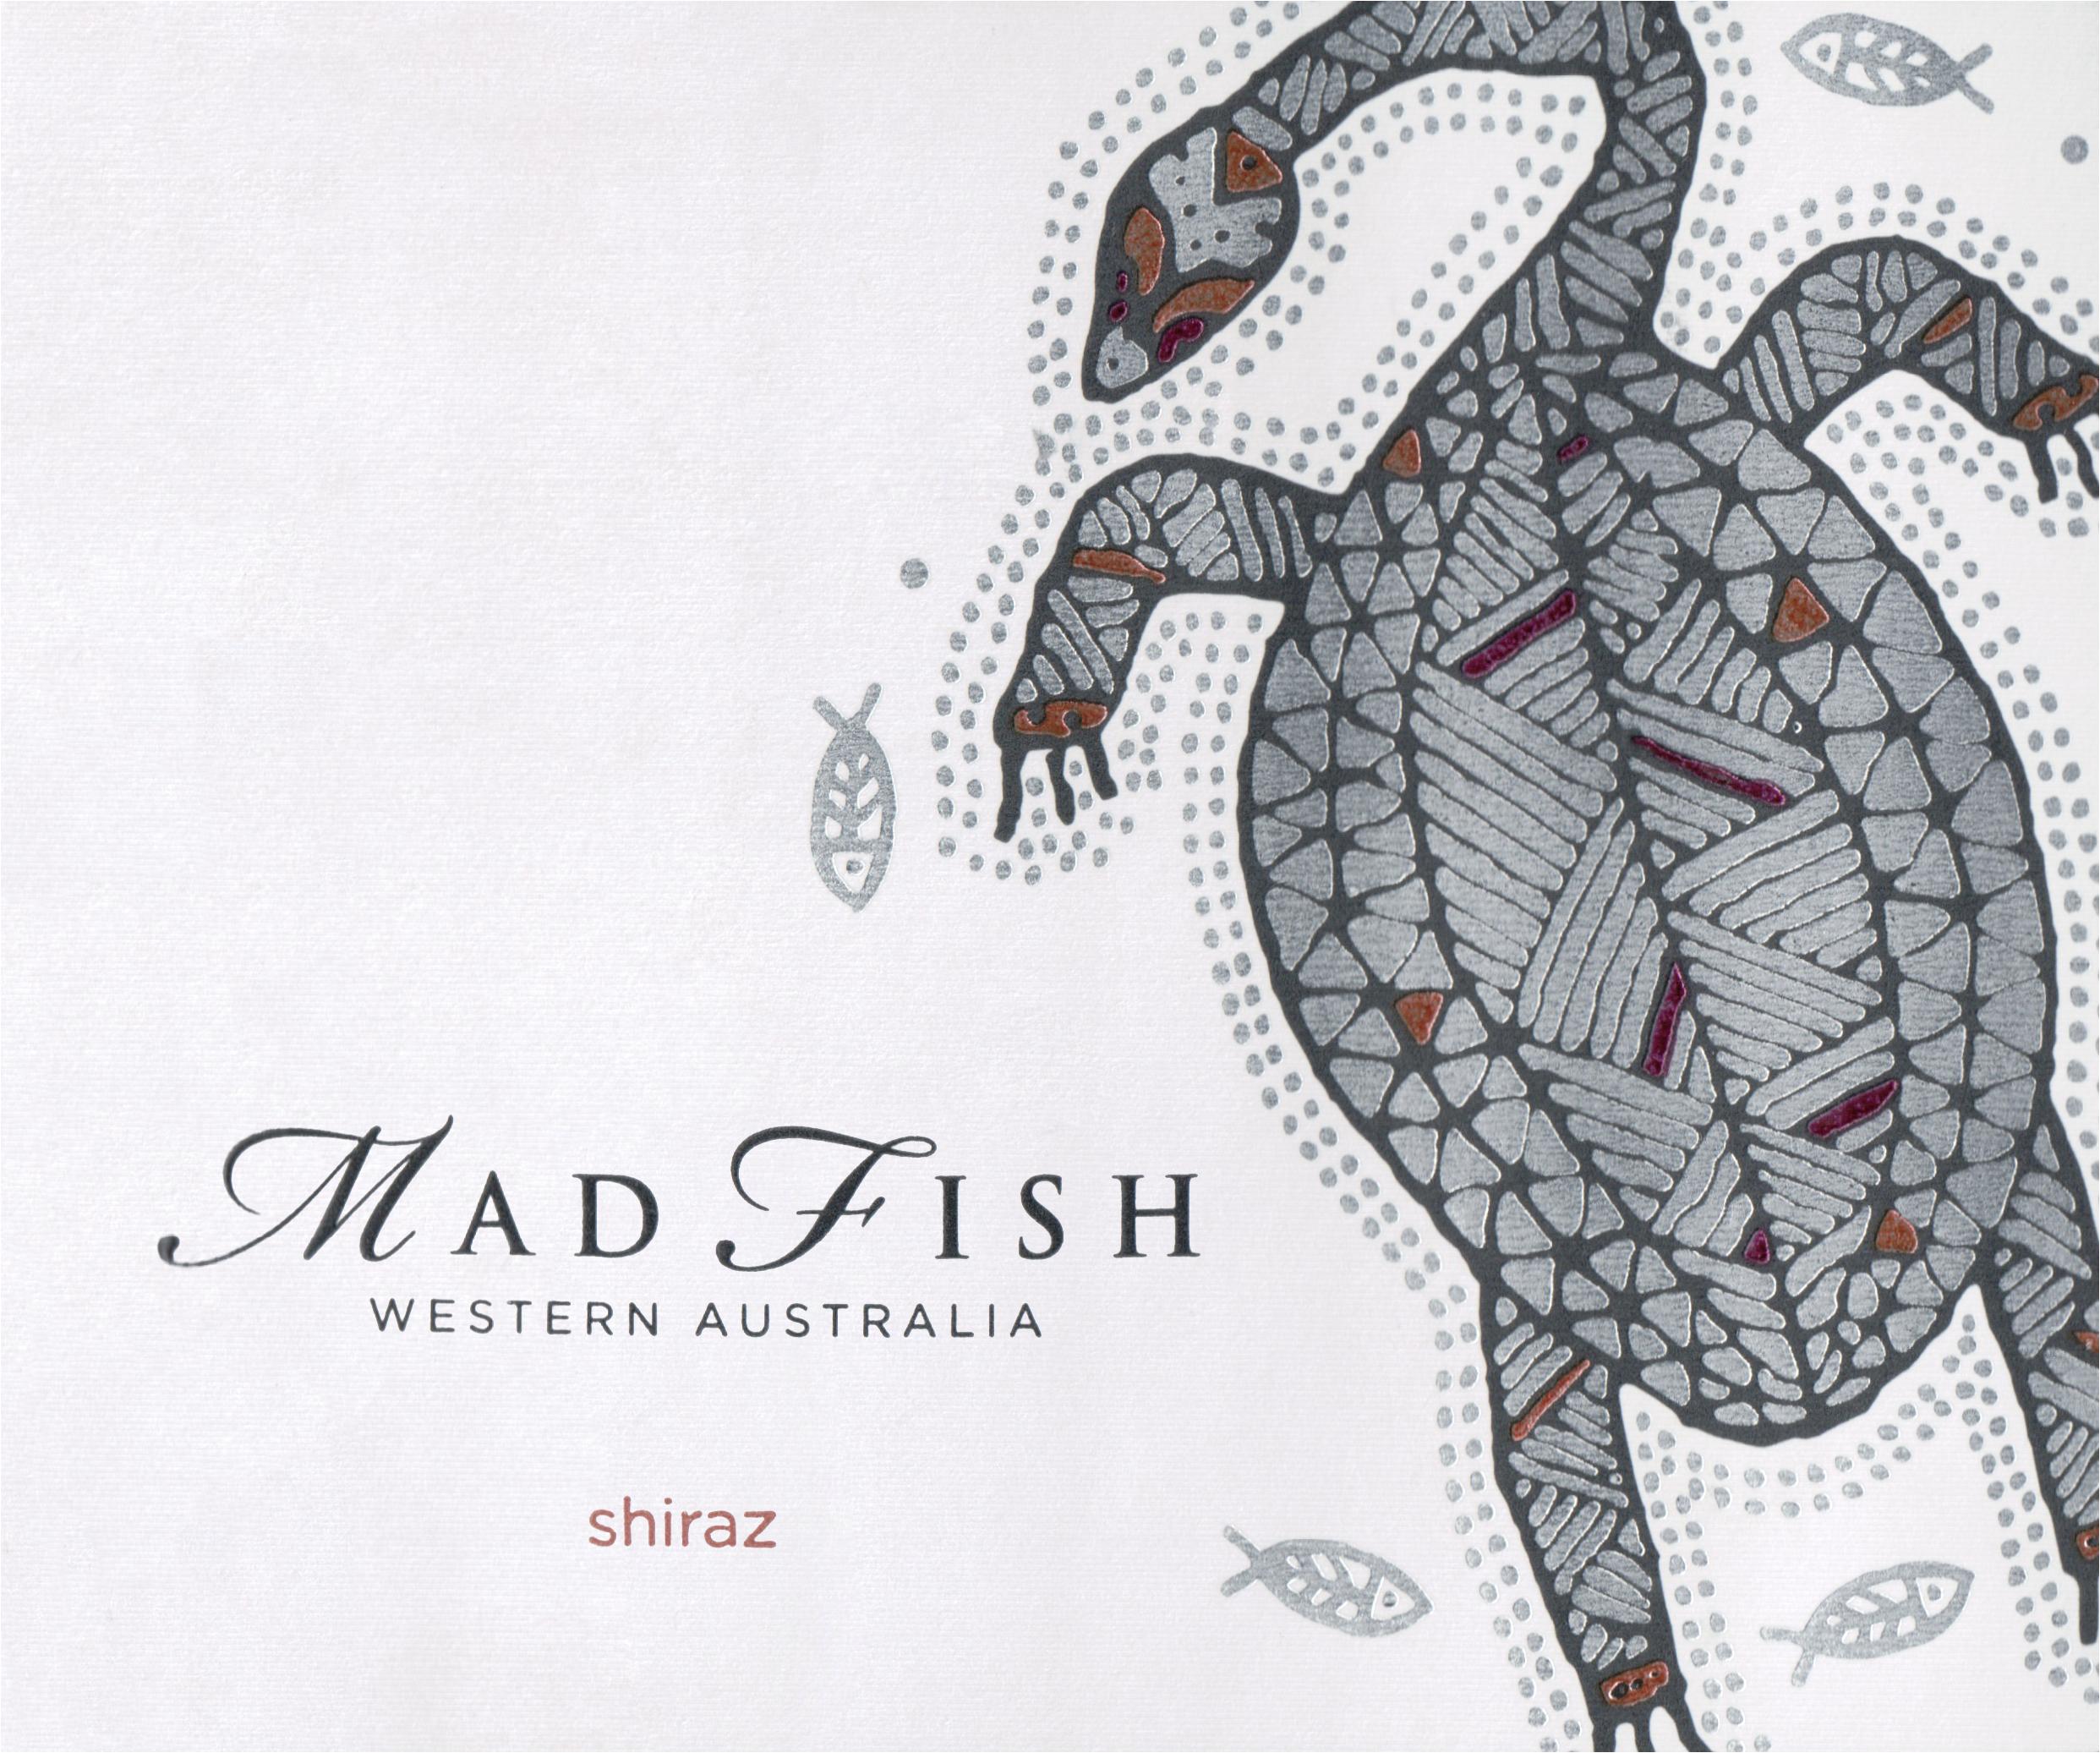 Mad Fish Shiraz 2016